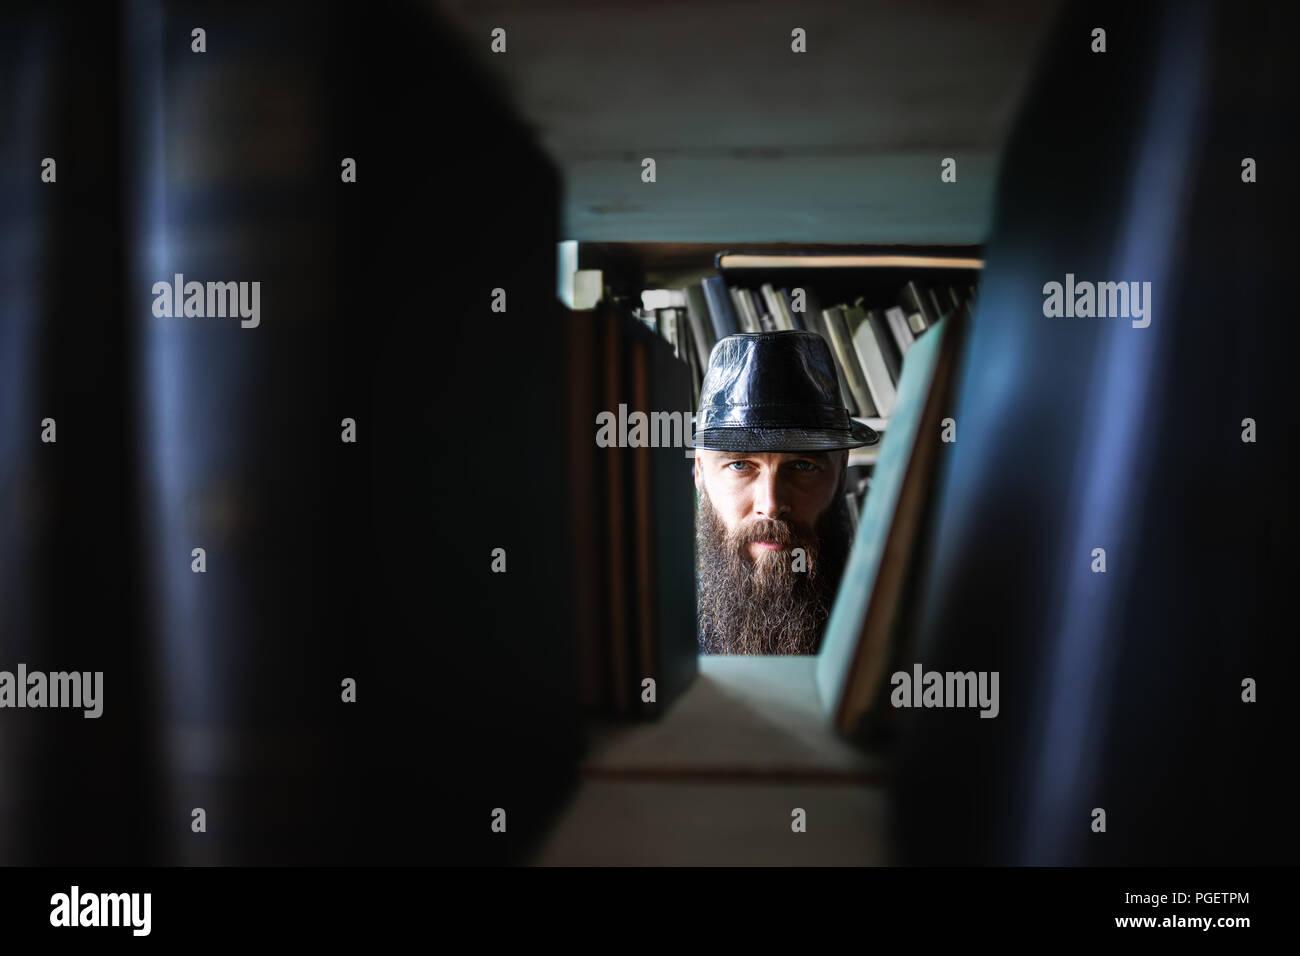 Homme barbu espionnage par étagères. сoncept mystère Photo Stock